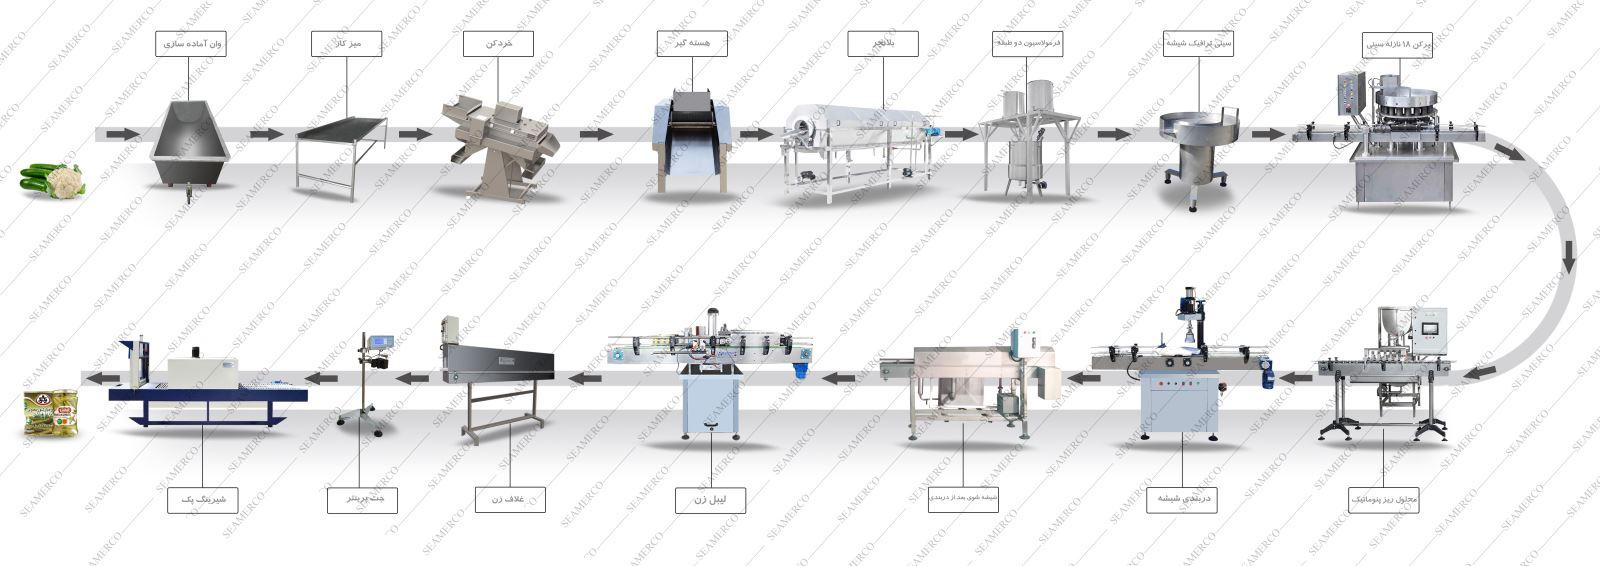 قیمت دستگاه خط تولید خیارشور-ماشین آلات خط تولید خیارشور-قیمت خط تولید خیارشور